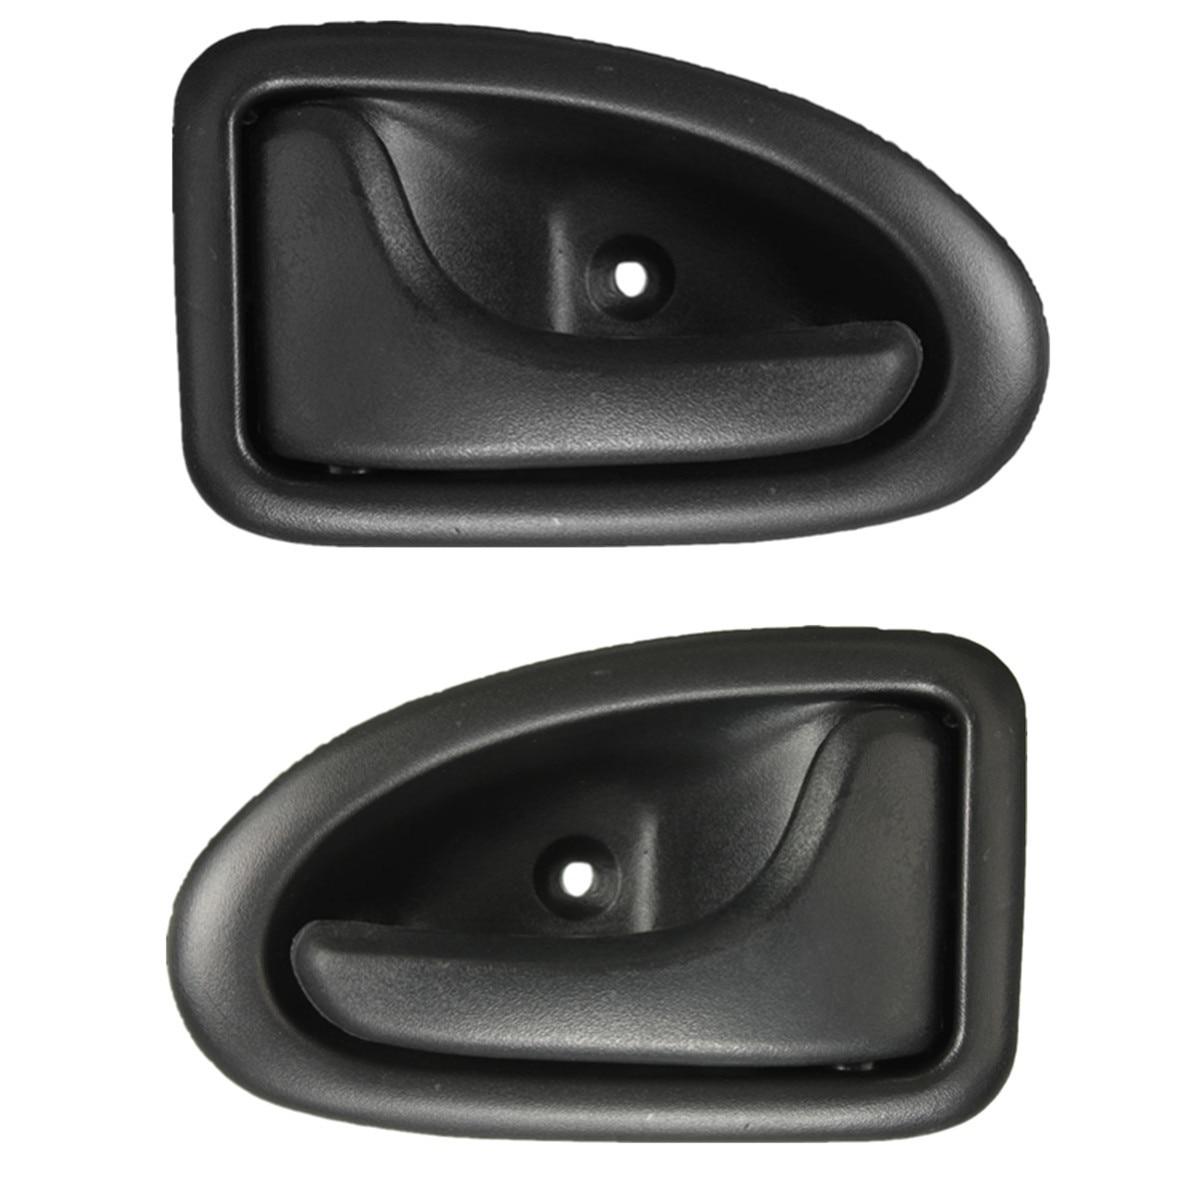 Left Exterior Door Handles Replacement,Left Right Door Handle Inner Door Support Bracket Passenger Side Door Panel Handle,Door Handle Repair Kit for Re/_Nault Clio Megane Sceni